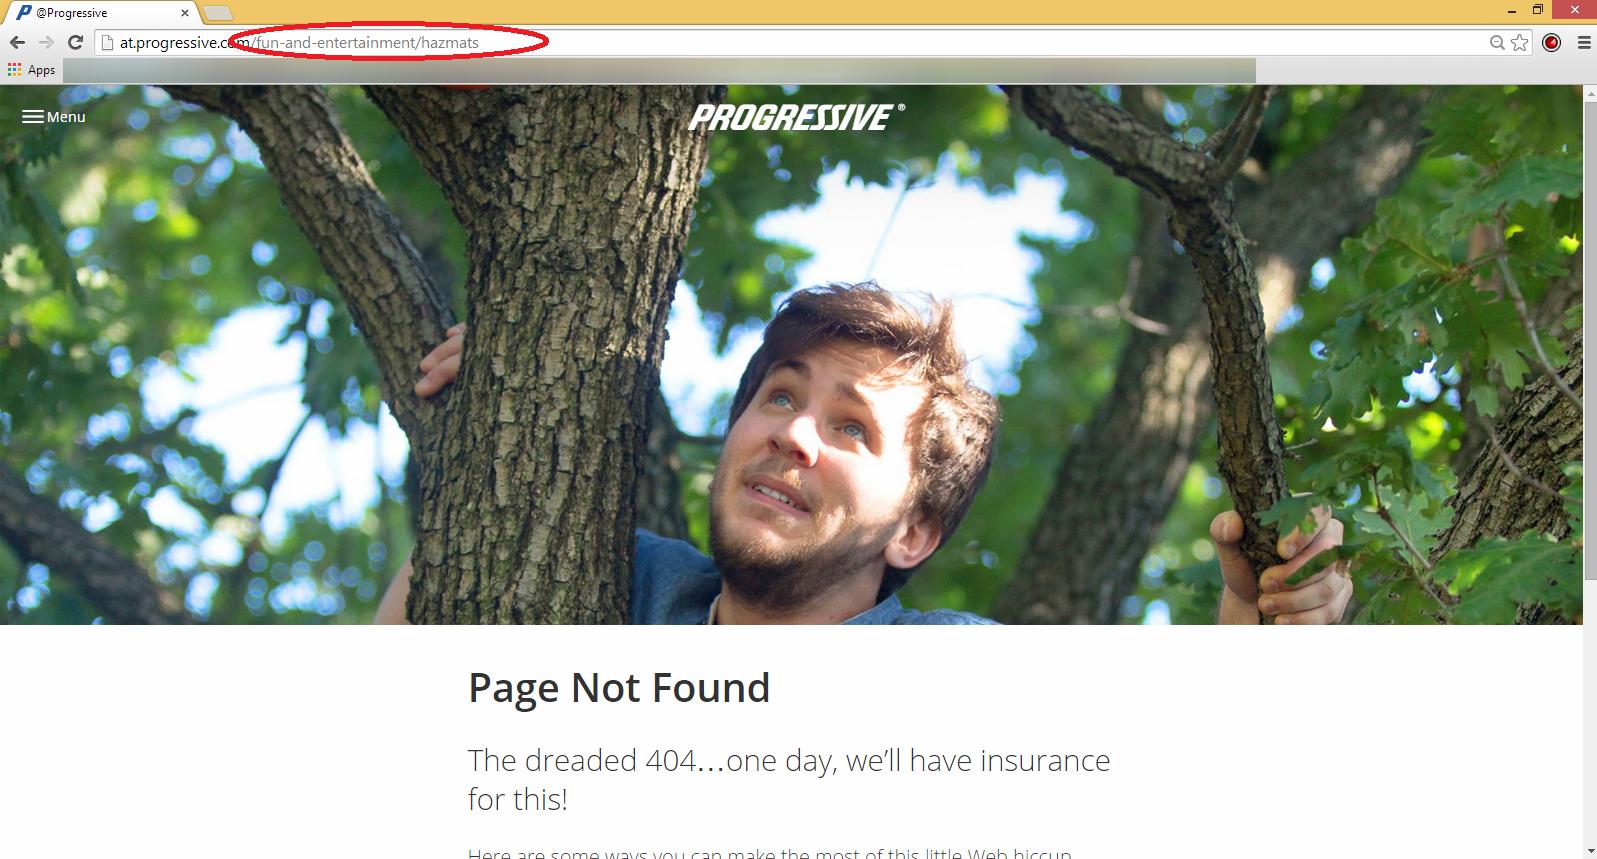 Progressive Hazmats ad 404